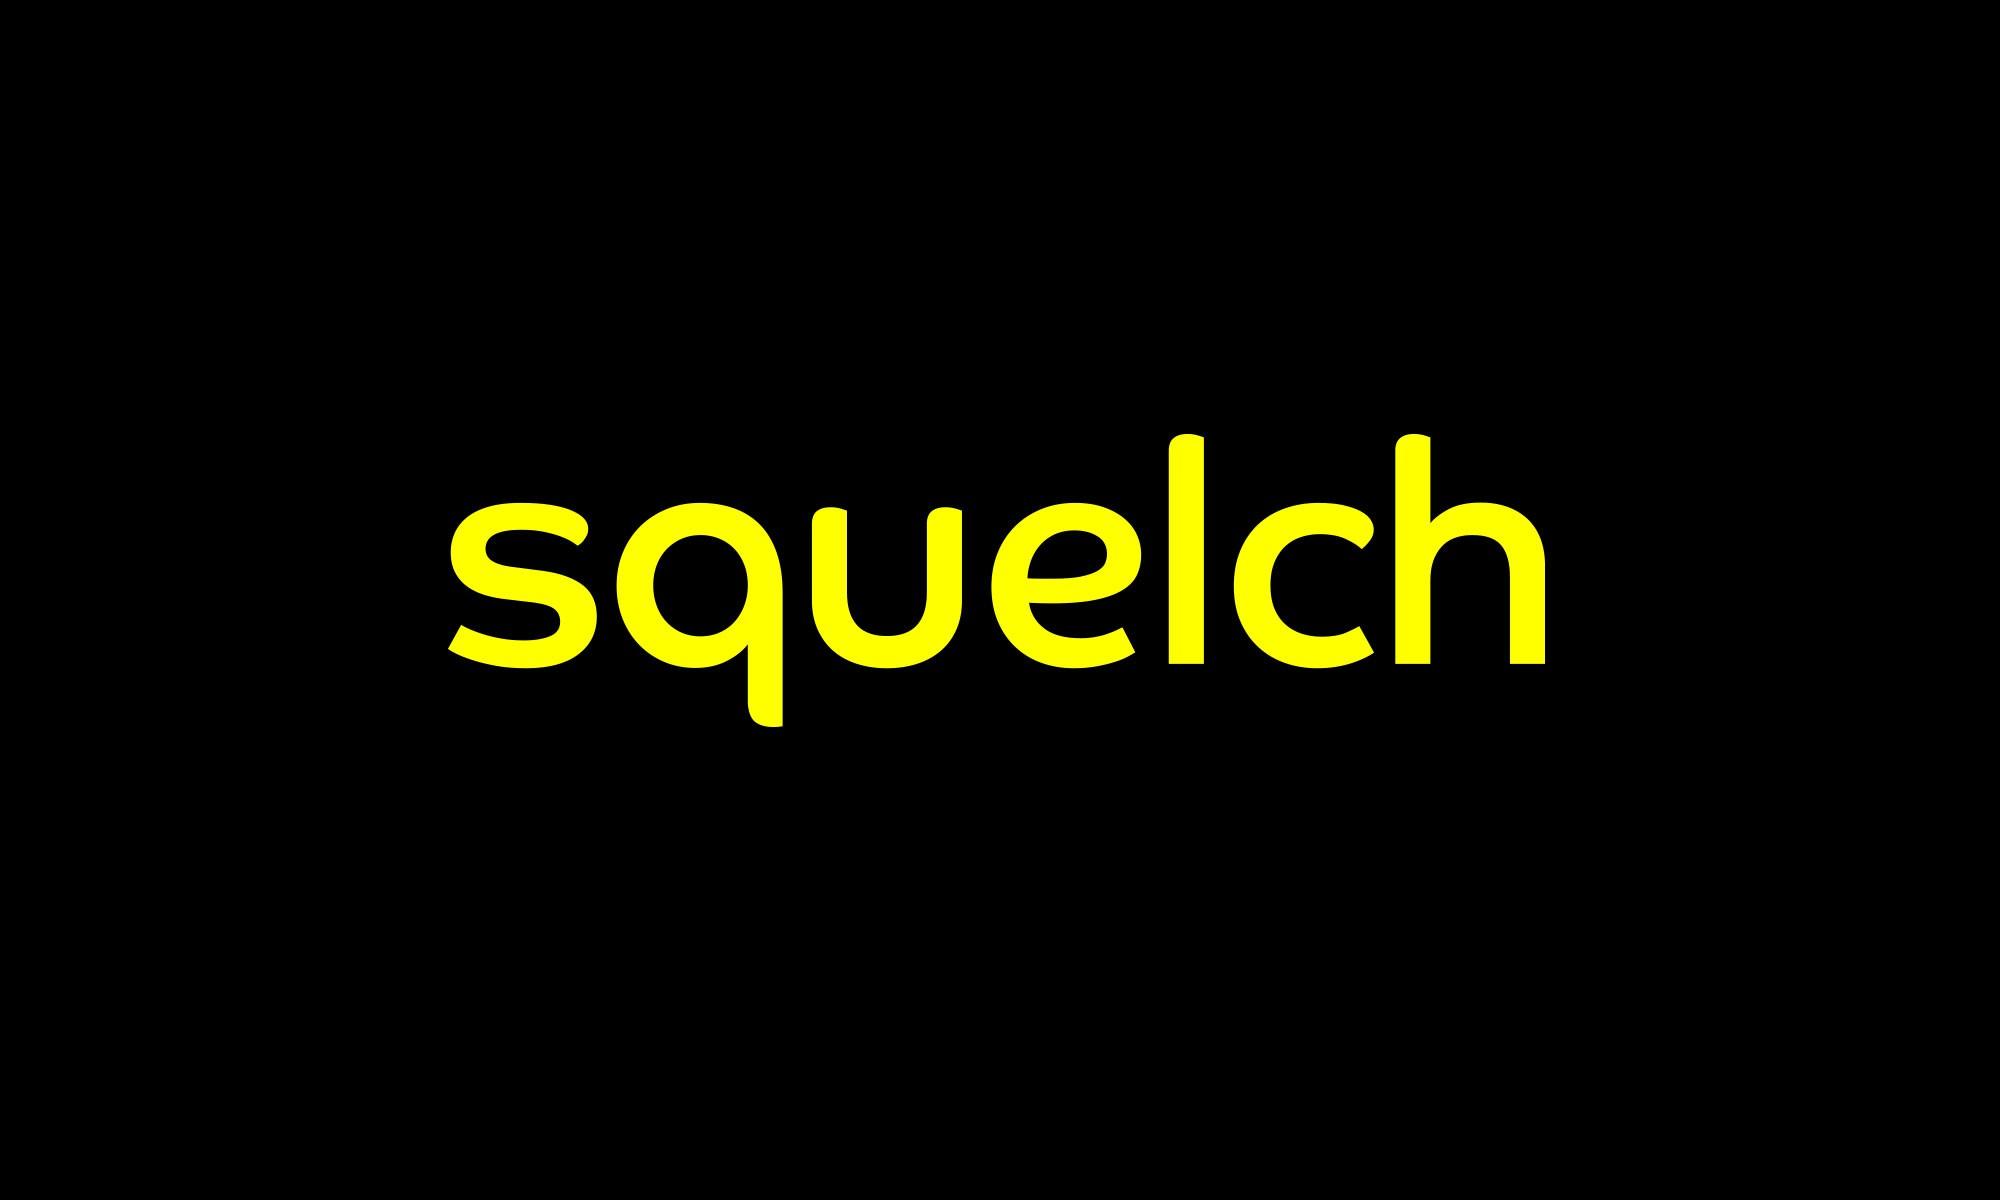 squelch wordmark 2000x1200 User